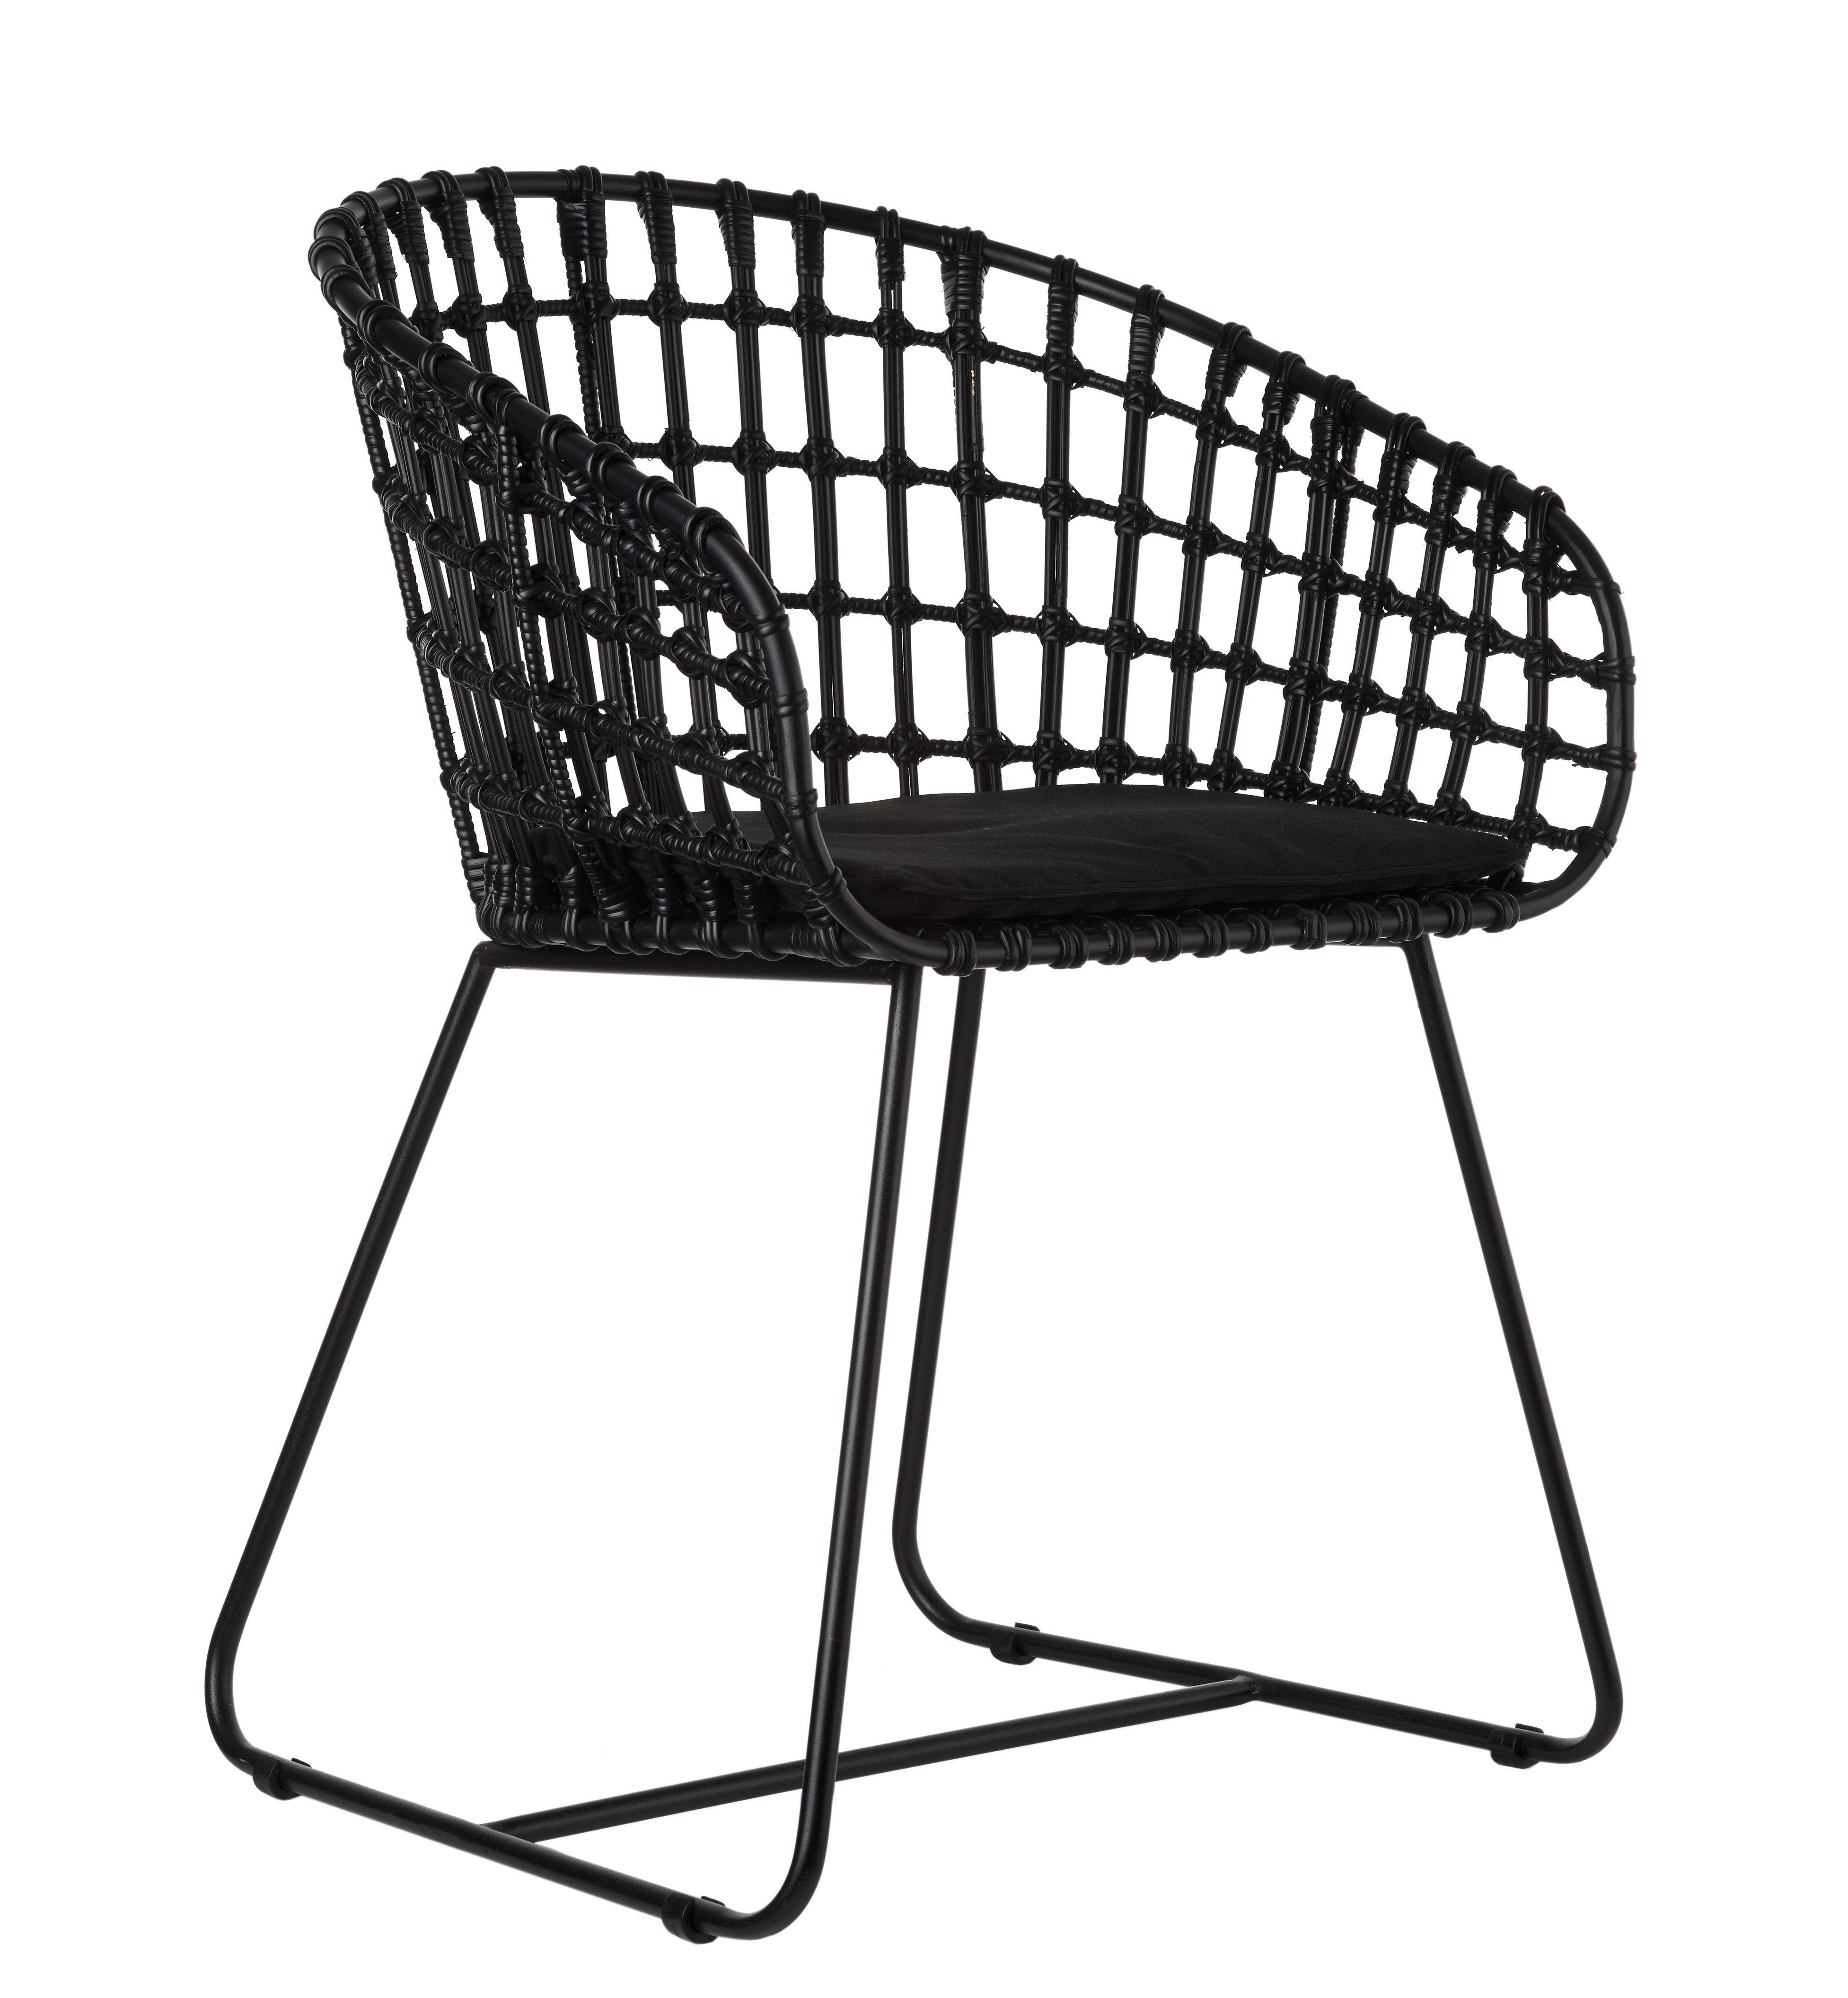 Arredamento - Poltrone design  - Poltrona Tokyo / Rattan & metallo - Pols Potten - Nero / Gambe nere - Metallo, Midollino